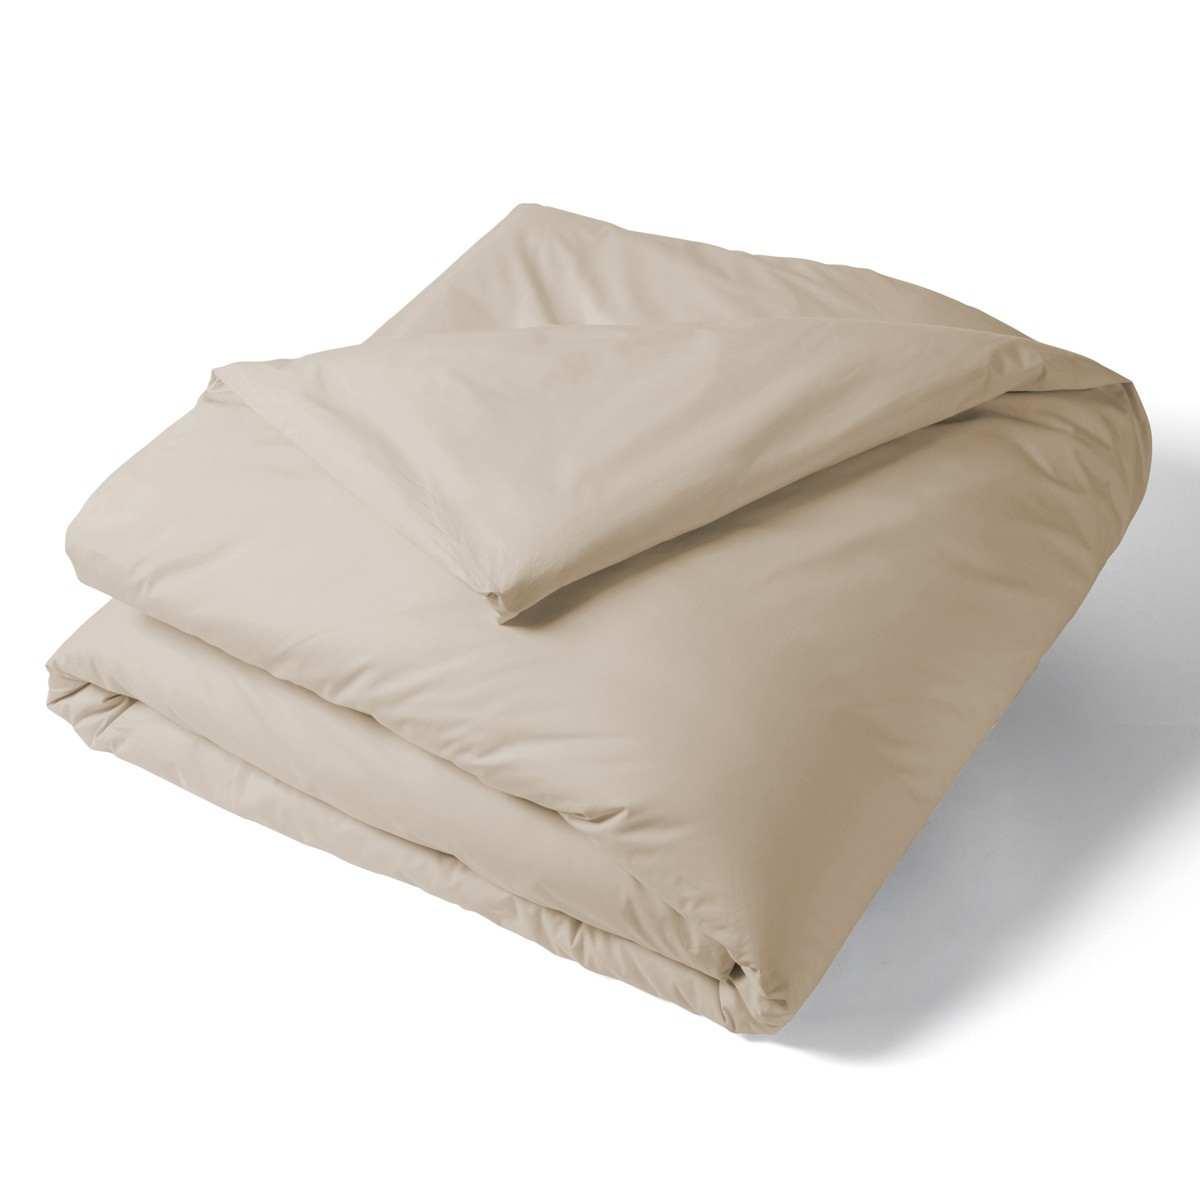 housse de couette unie percale linge de lit de qualit tradition des vosges. Black Bedroom Furniture Sets. Home Design Ideas